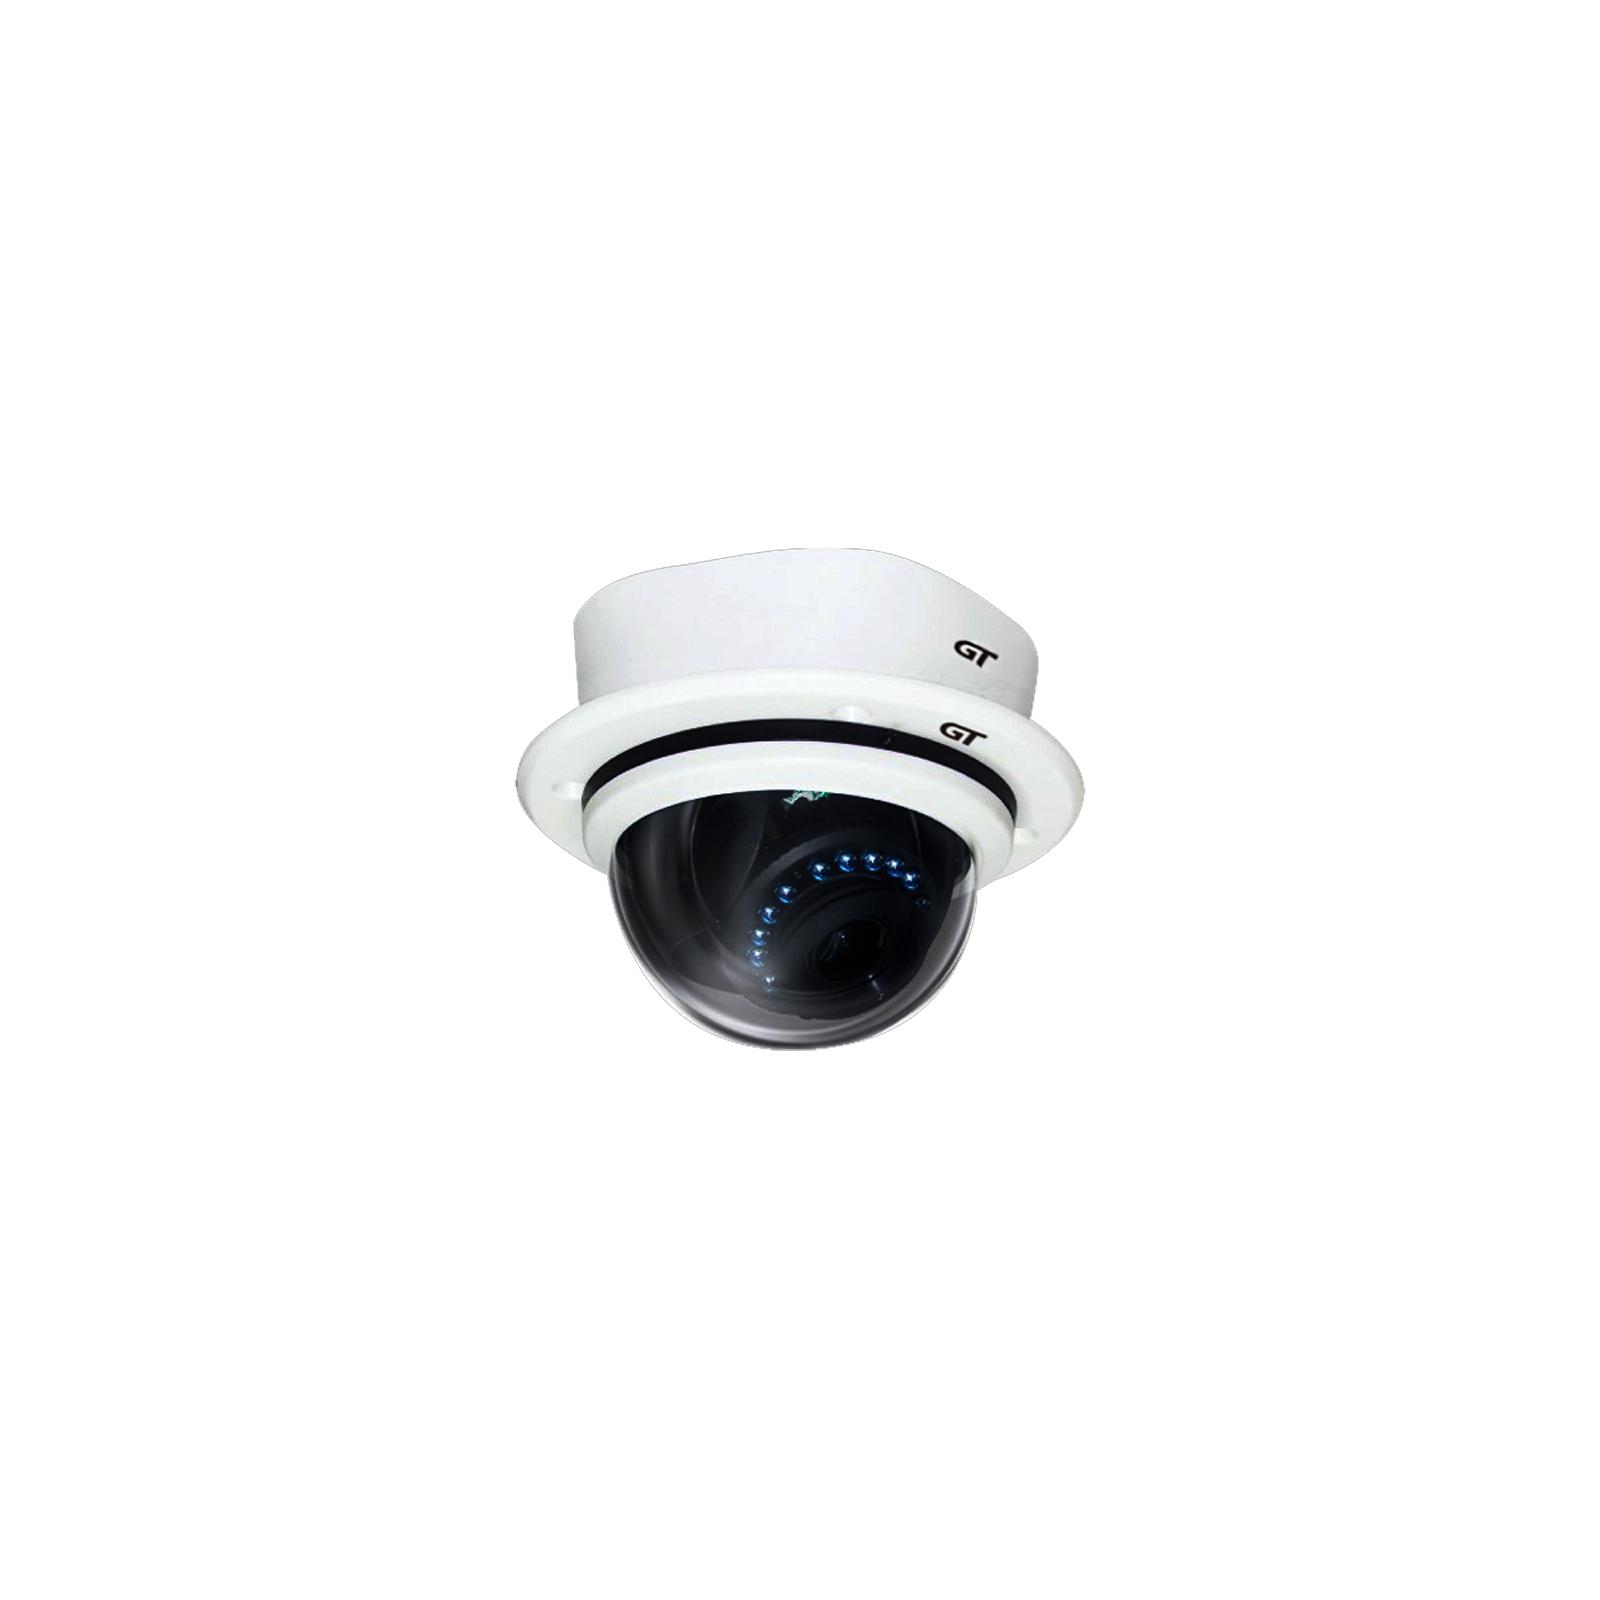 Камера видеонаблюдения GT Electronics AN180